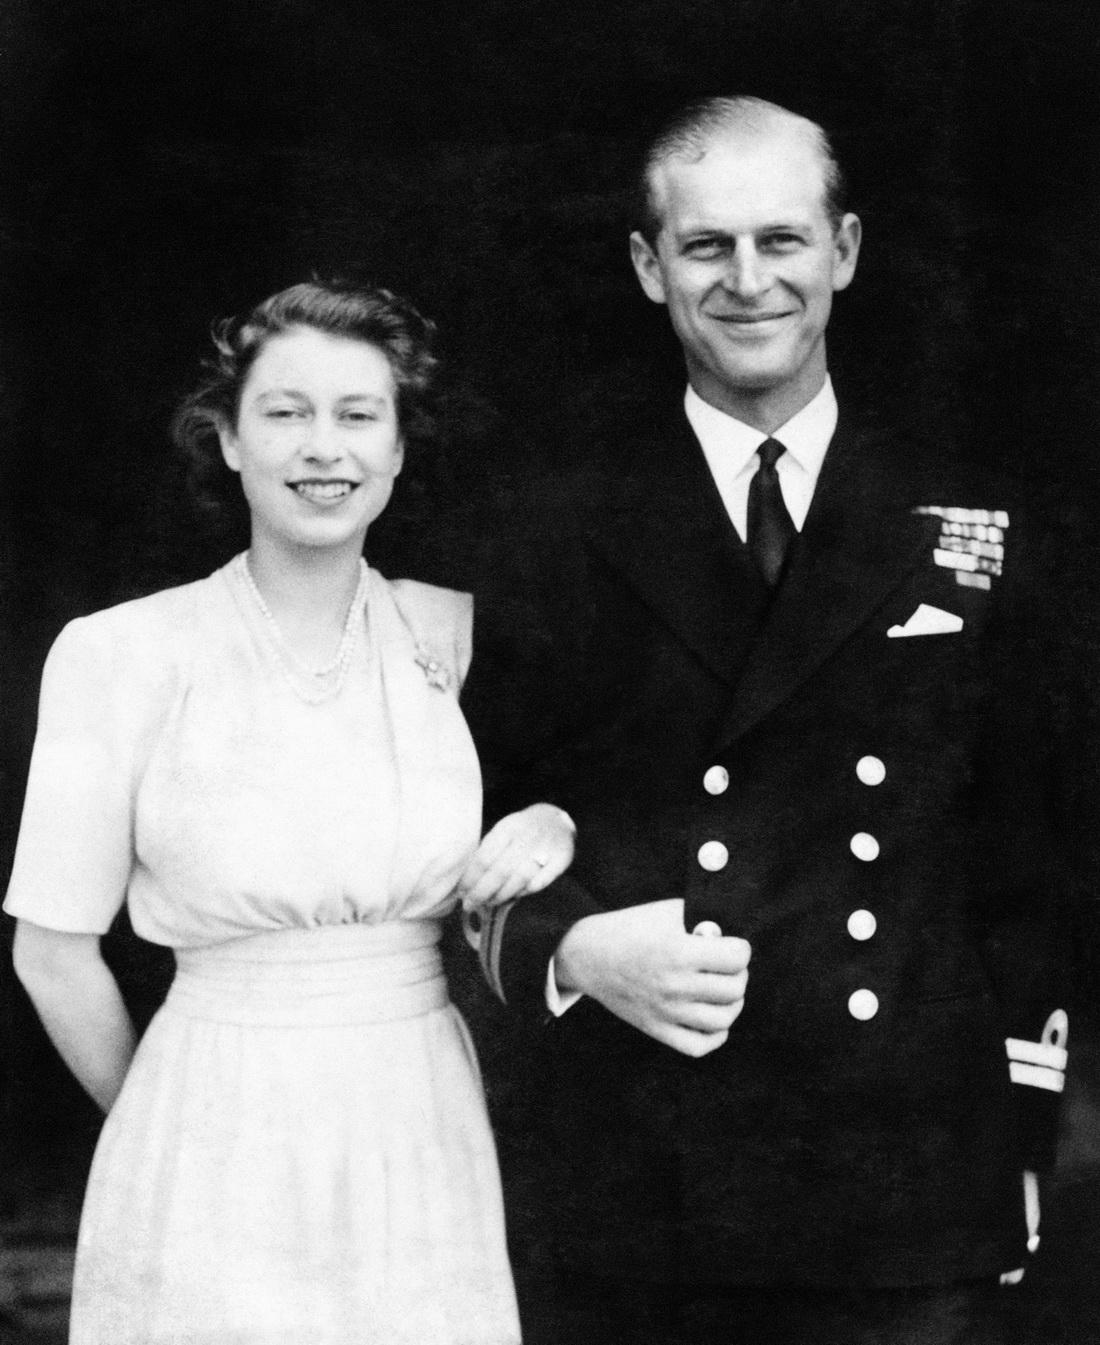 当地时间1947年7月10日,伊丽莎白和菲利普手挽手出现在皇家宫邸前,正式宣布订婚。菲利普因此放弃了希腊与丹麦王子的头衔,改东正教信仰为英格兰教会,并改姓了自己母亲的姓氏蒙巴顿。